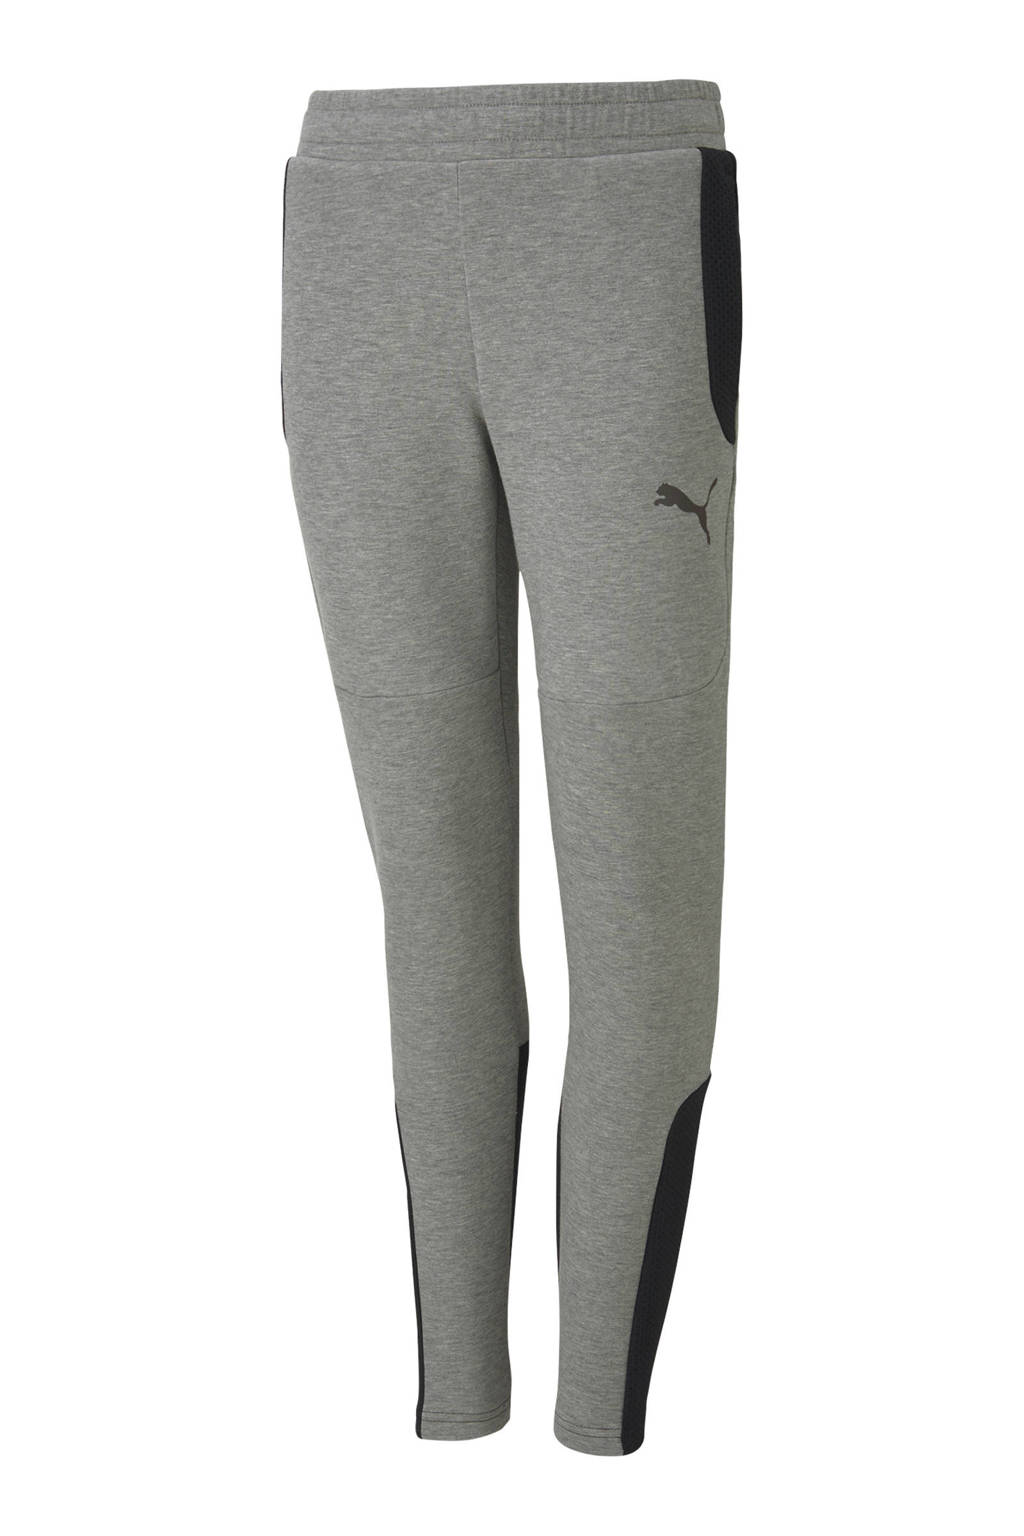 Puma   joggingbroek grijs/zwart, Grijs/zwart